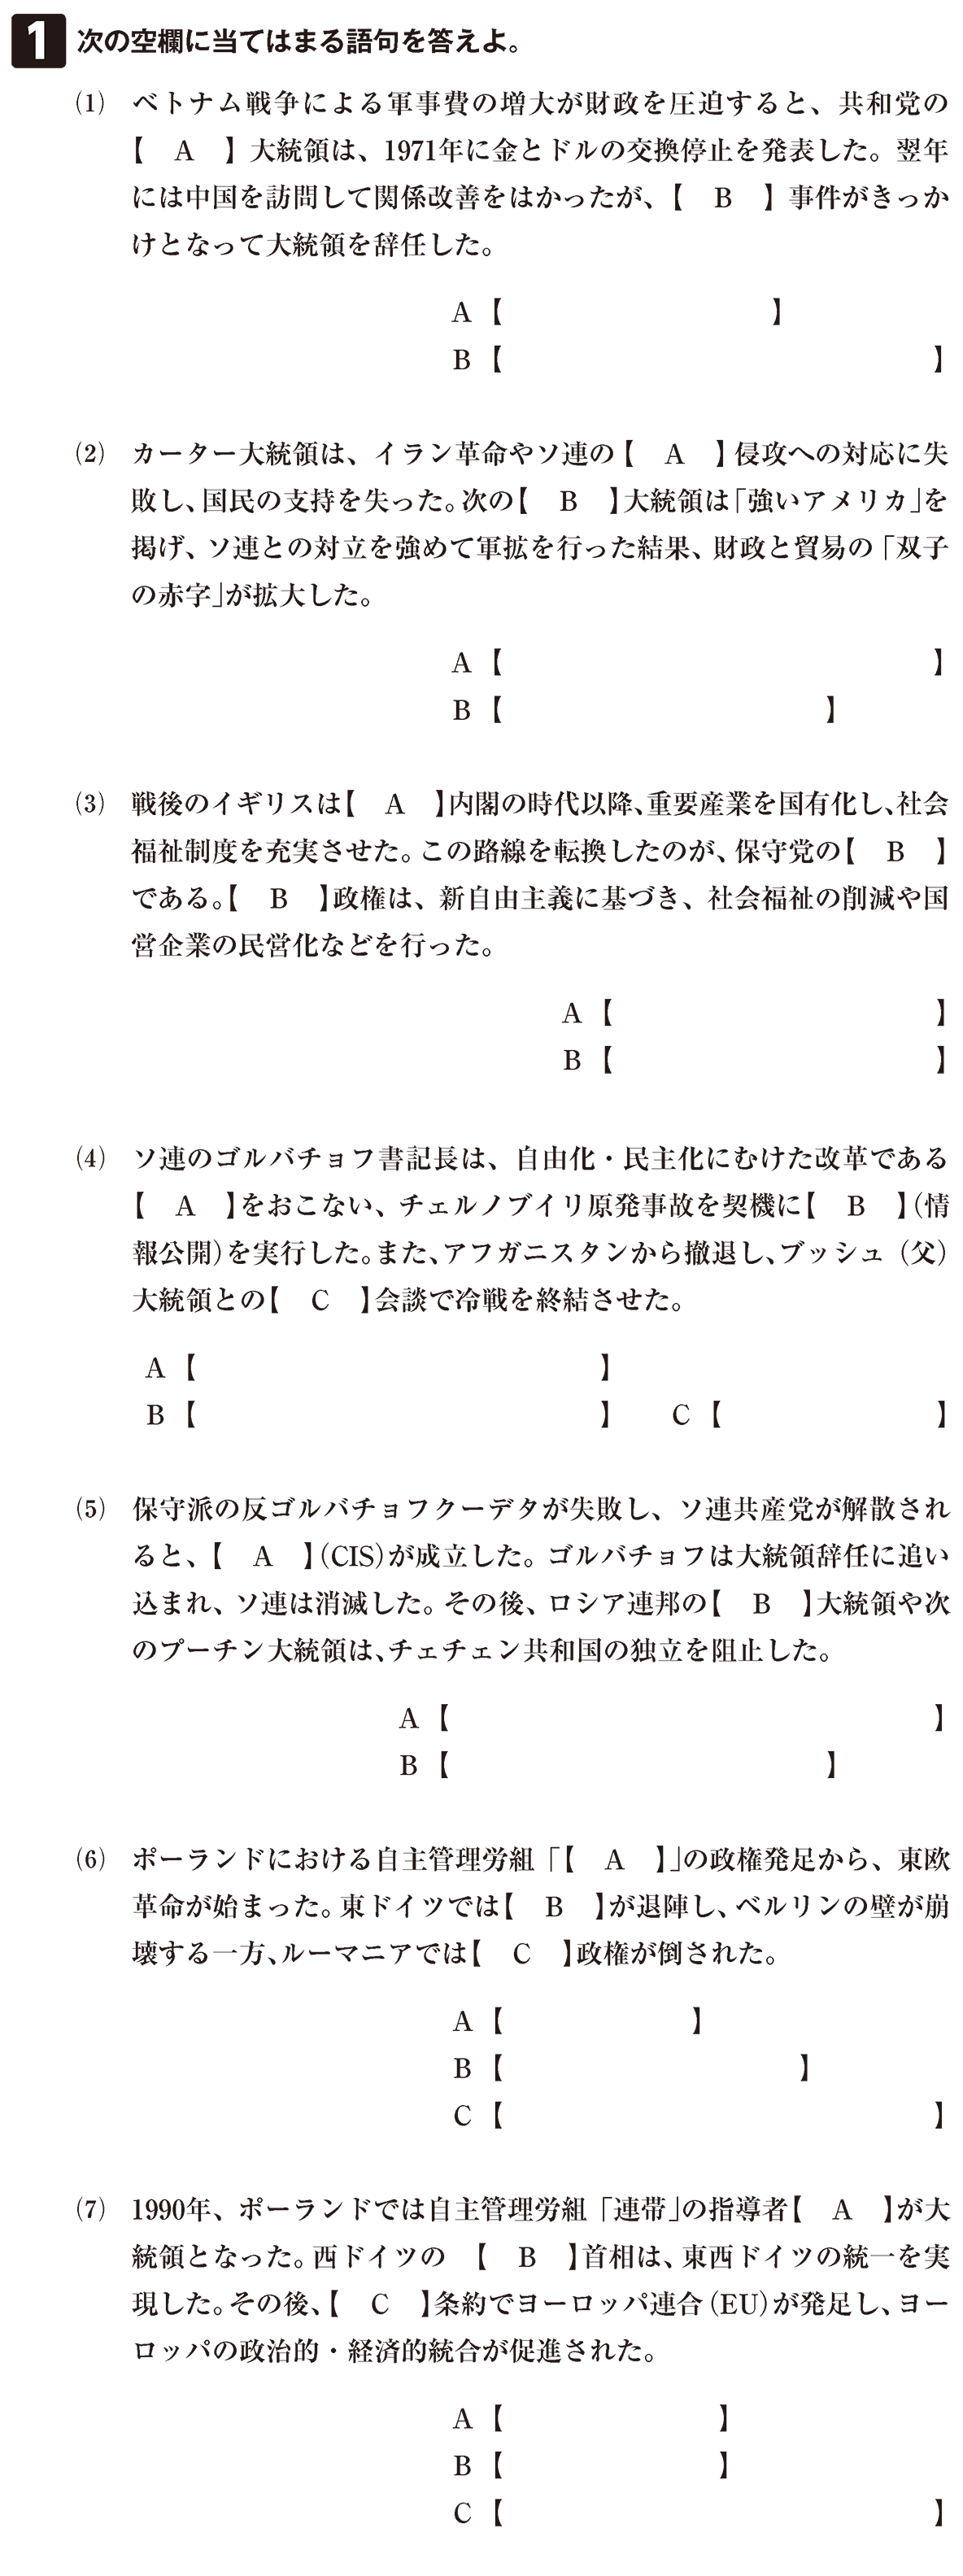 経済危機と冷戦の終結6 確認テスト(前半)